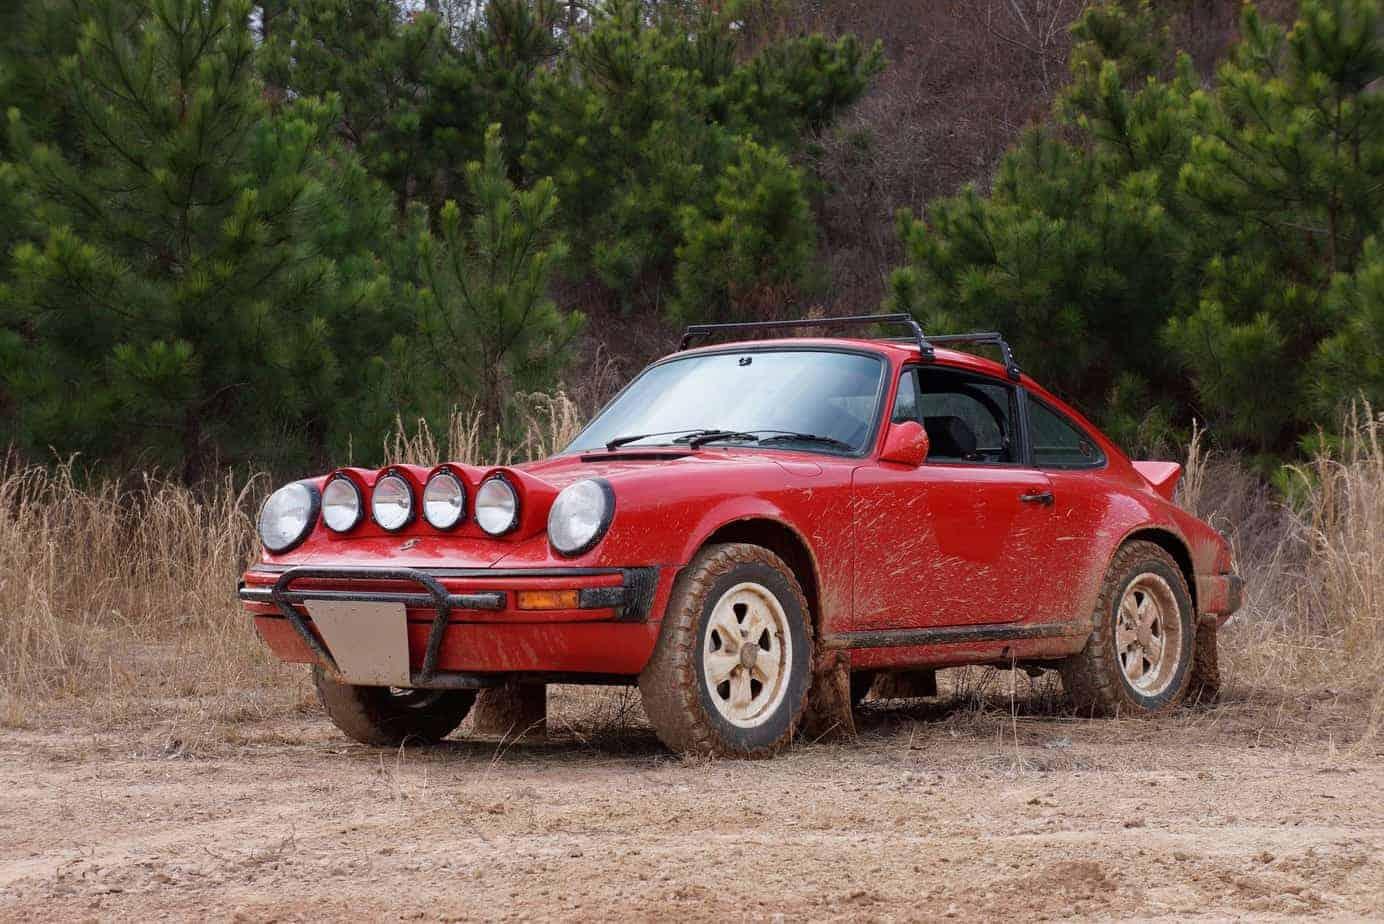 Porsche 911 Safari – The Keen Project